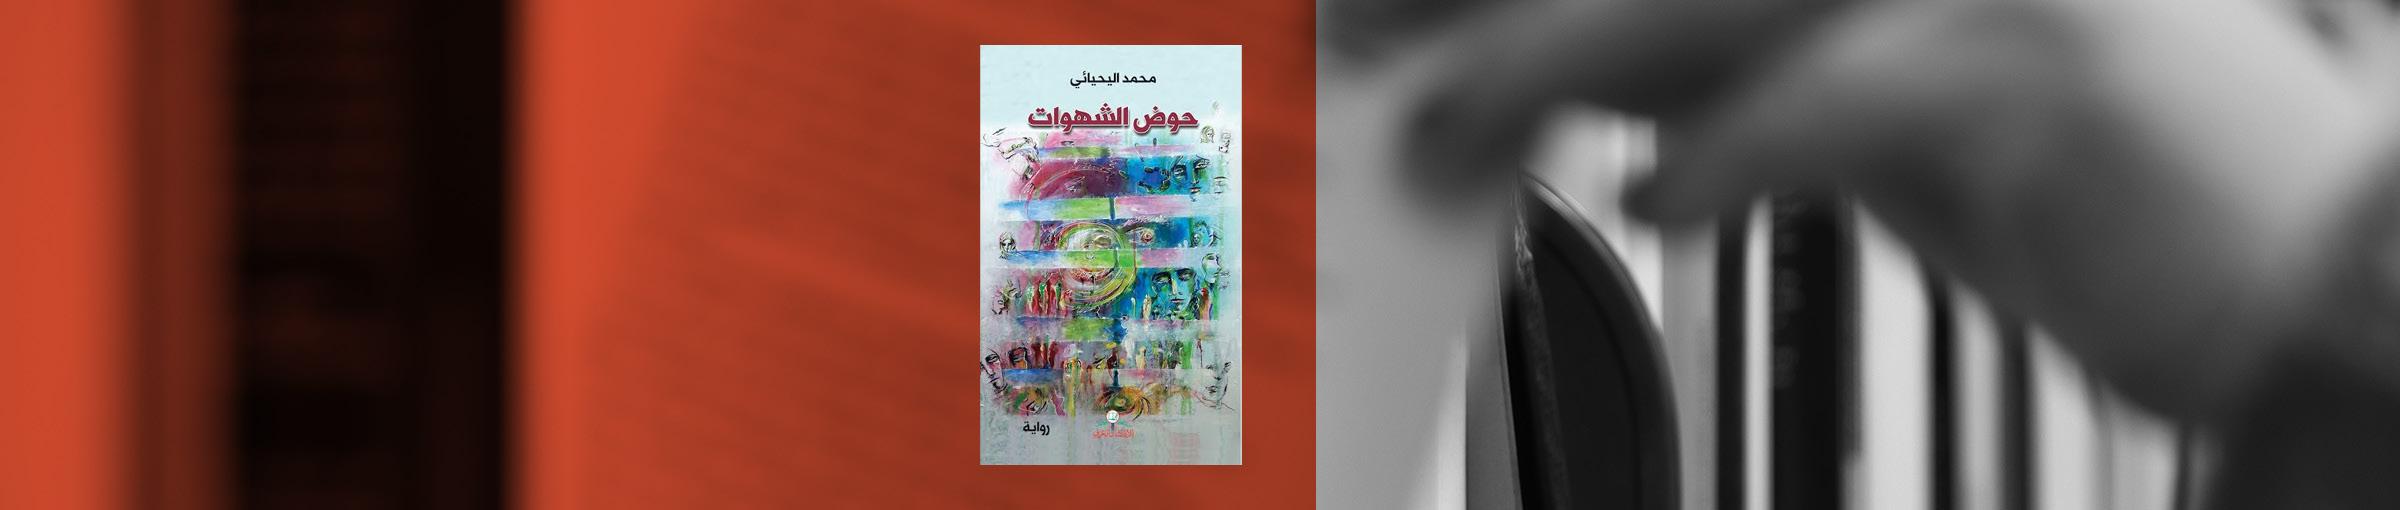 """""""حوض الشهوات""""، تاريخ سلطنة عُمان وأسرار ناسها"""